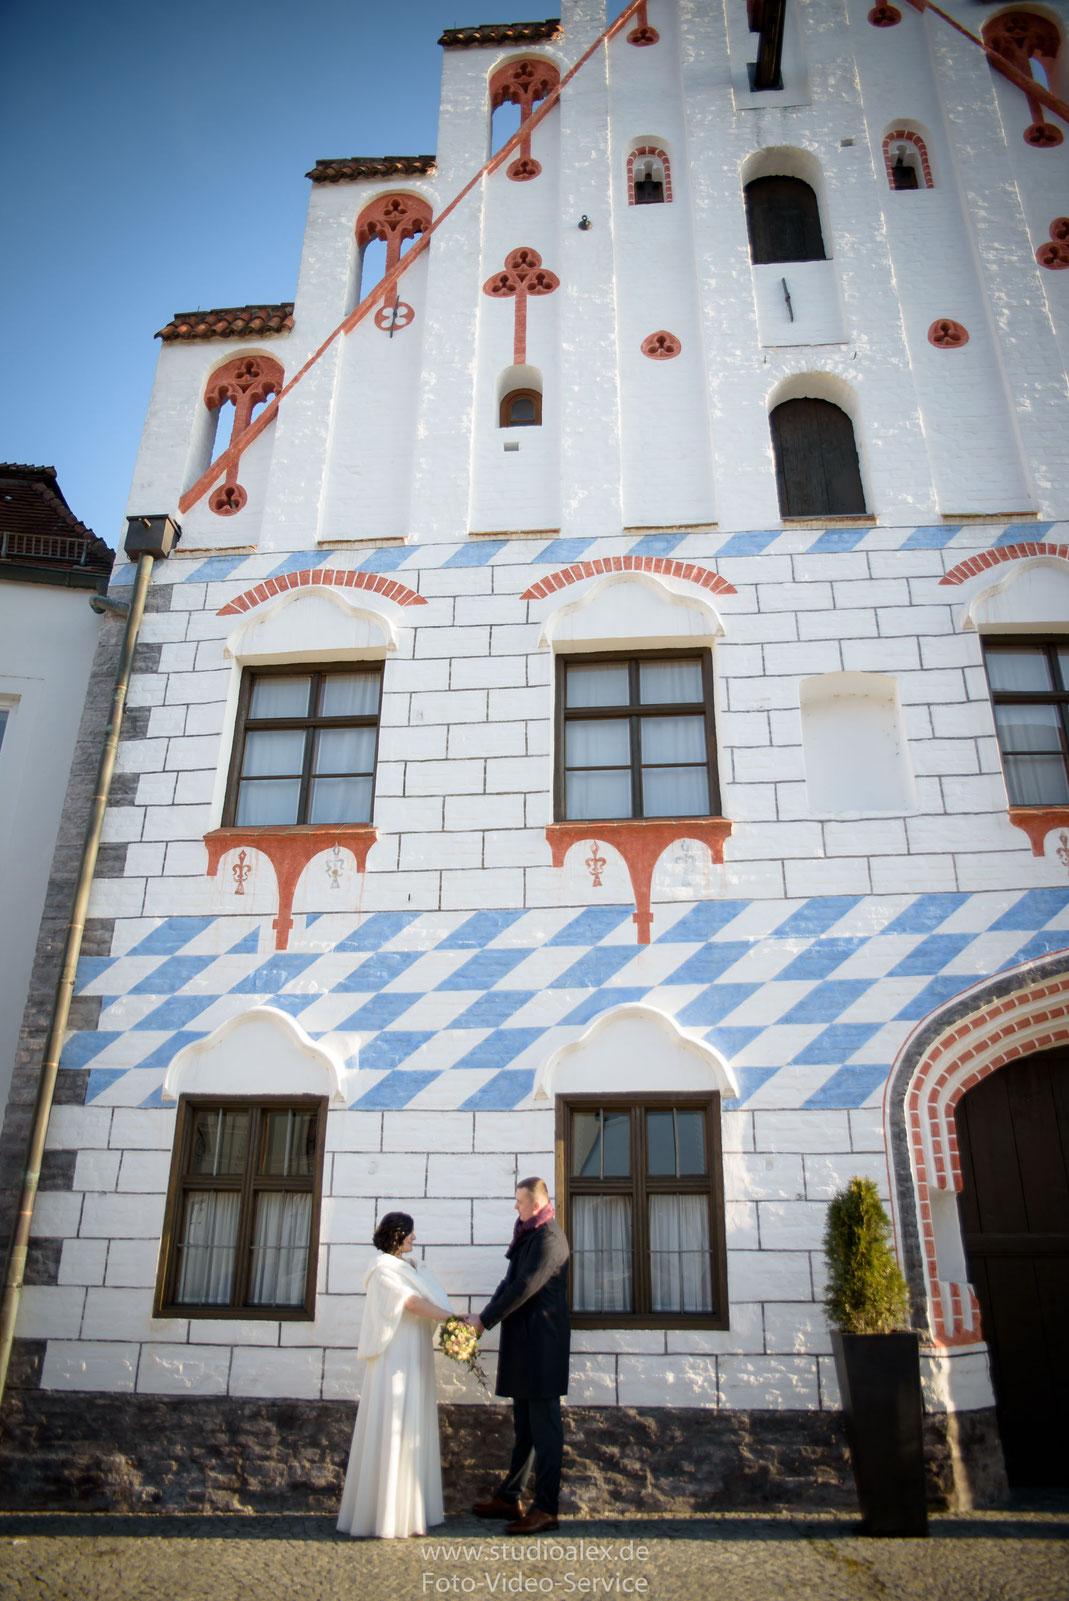 Hochzeitsfotografie von der standesamtlichen Trauung in Dingolfing, Hochzeitsfotograf für die standesamtliche Trauung in Dingolfing, Hochzeitsfotograf Dingolfing, russischer Hochzeitsfotograf Dingolfing